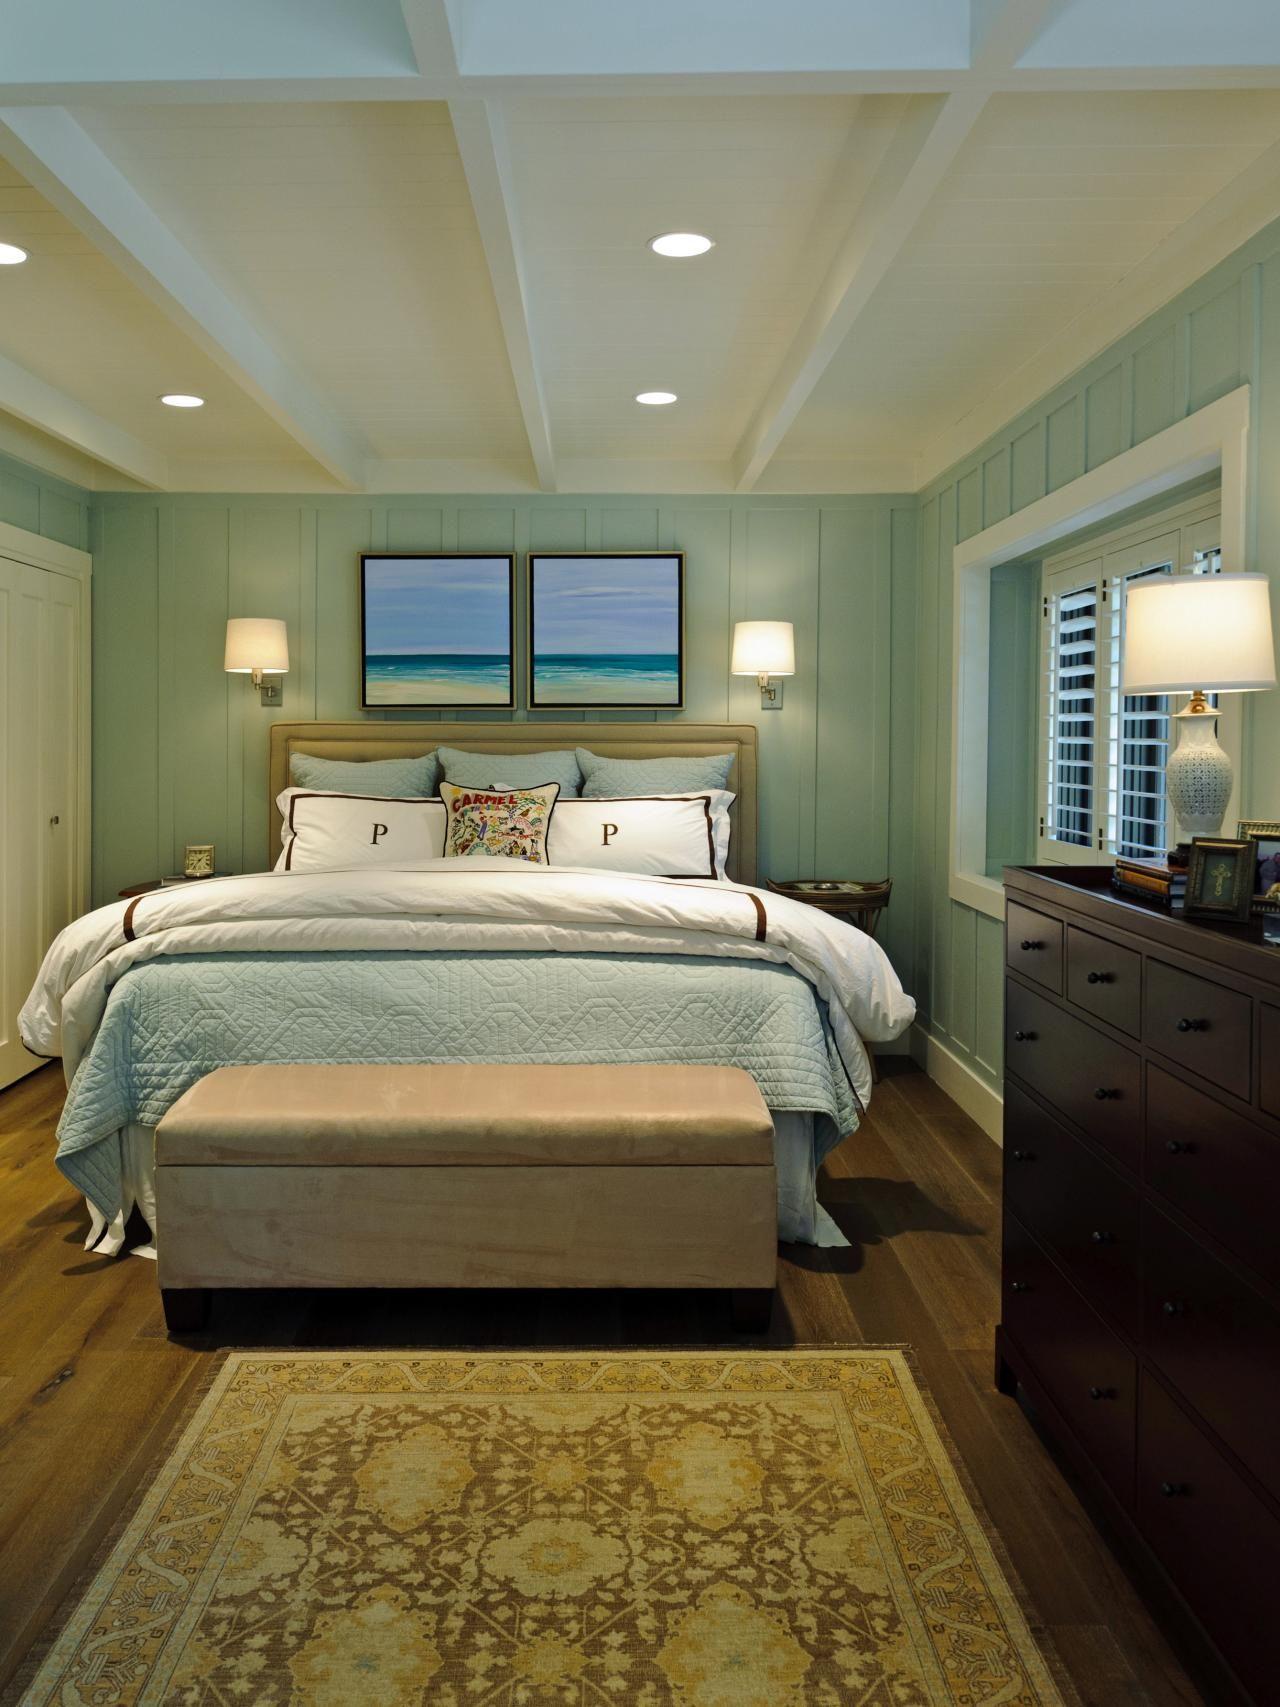 #Schlafzimmer 2018 16 Beach Style Schlafzimmer Dekorationsideen # Schlafzimmer #Dekor #dekoration #interior